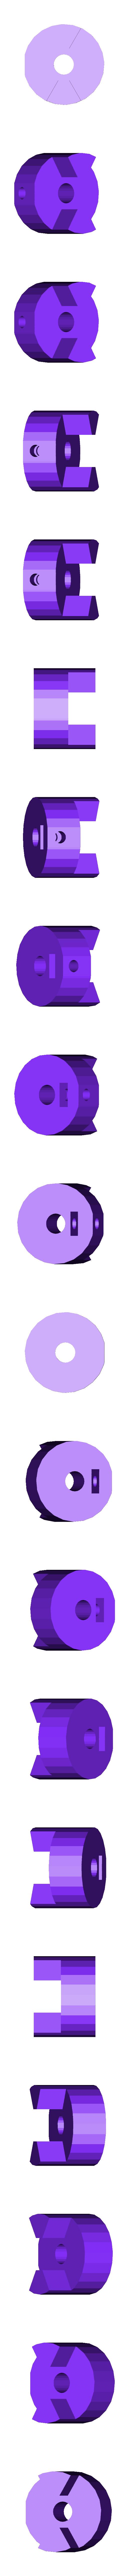 Love_Joy_5mm_Connector_v2.stl Download free STL file 5mm Love Joy Connector • 3D printable object, AlbertKhan3D